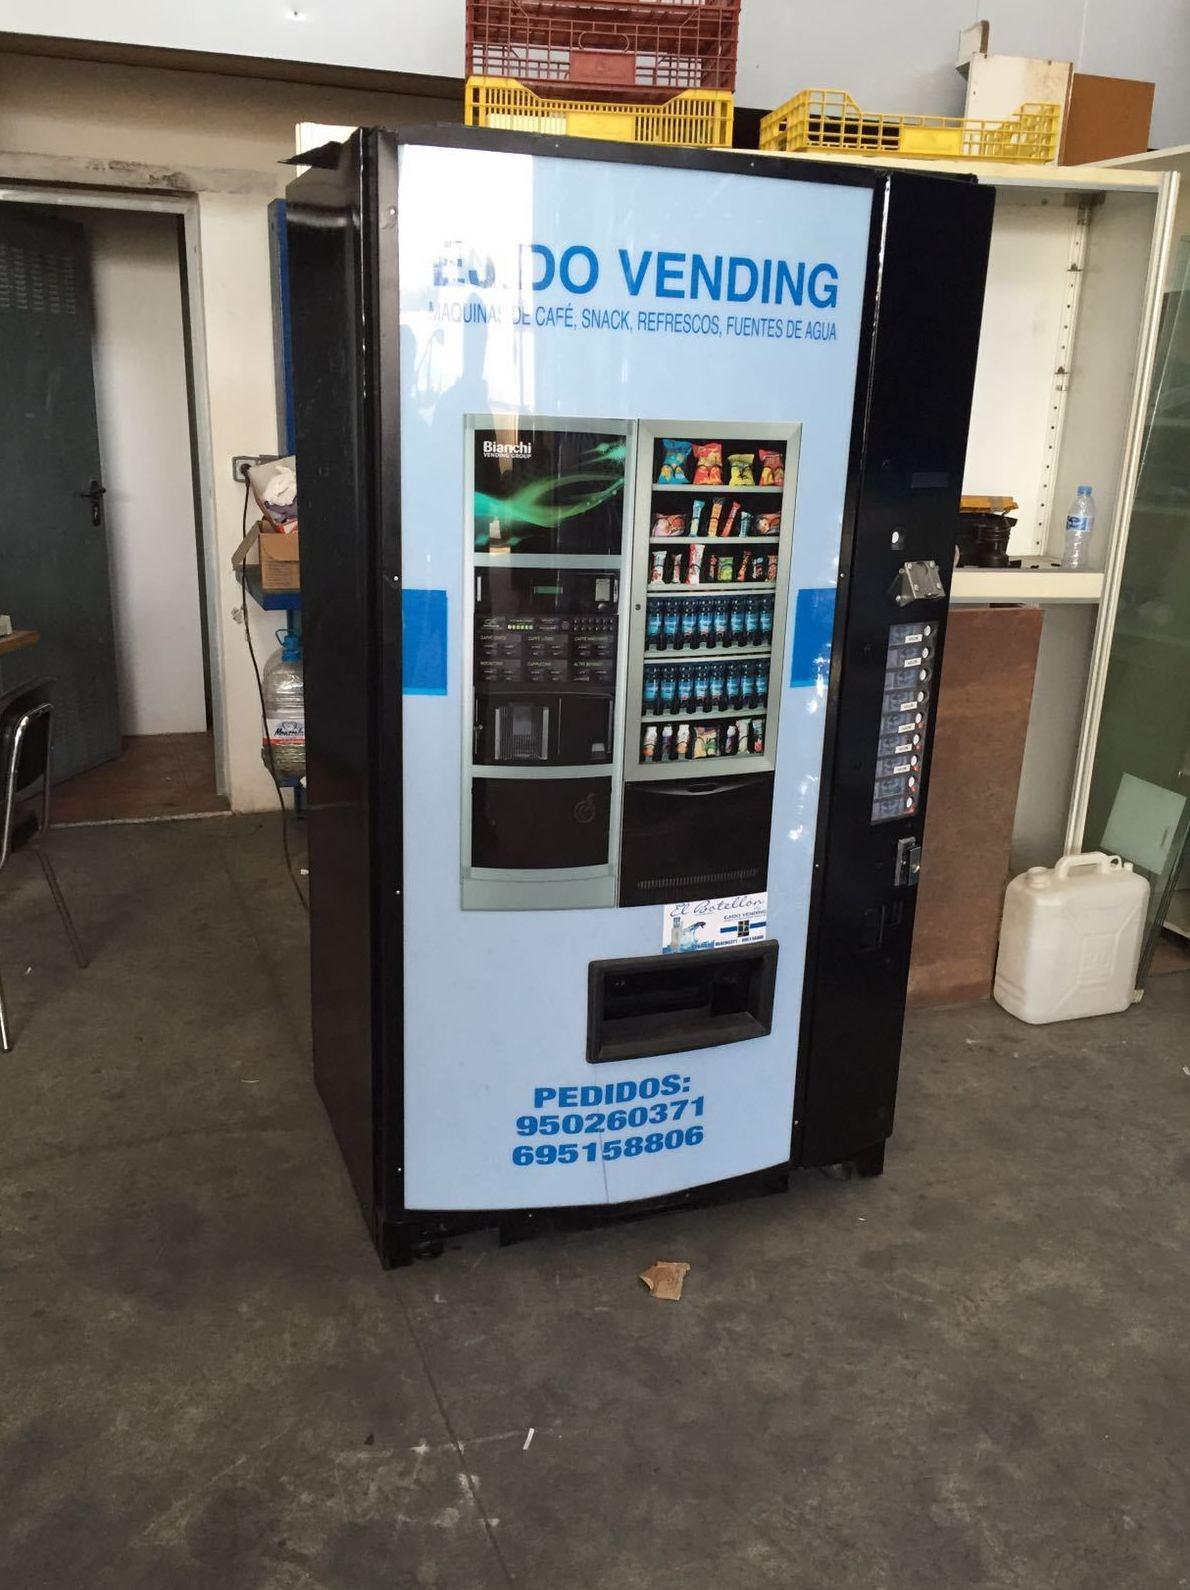 Foto 43 de Vending en  | Ejido Vending - El Botellón